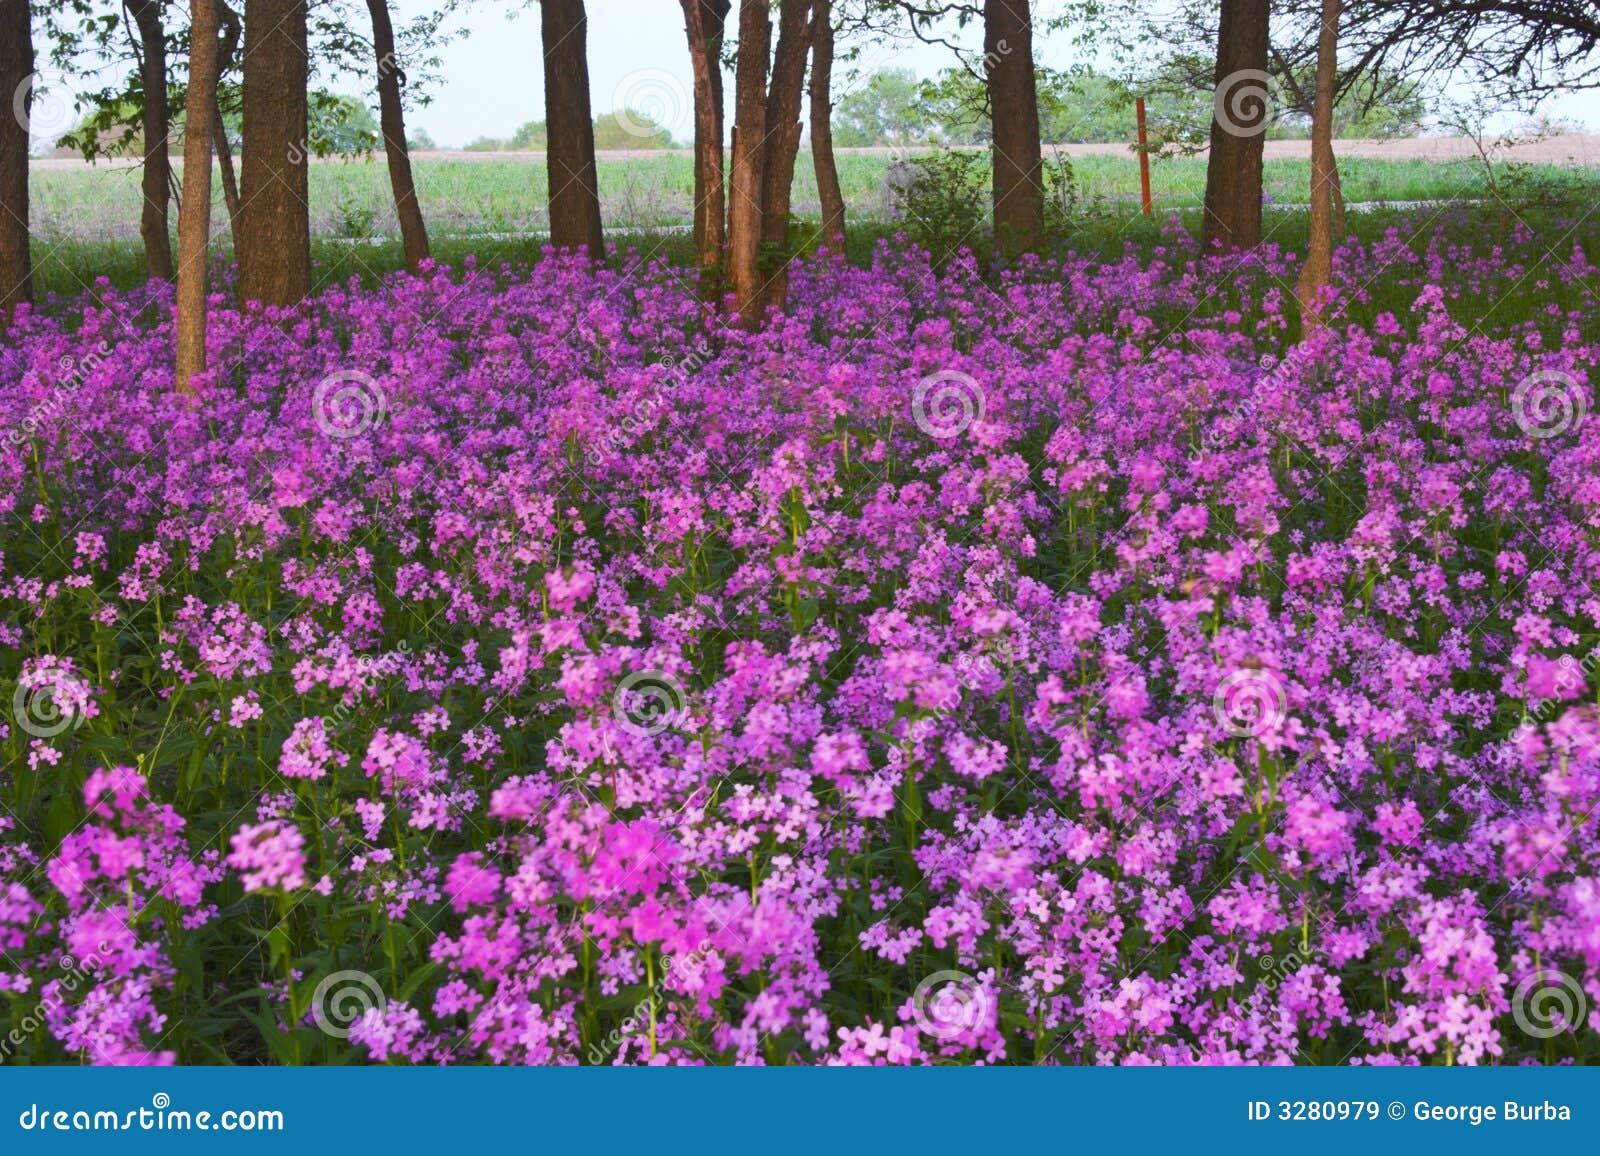 fleurs sauvages et forêt roses images libres de droits - image